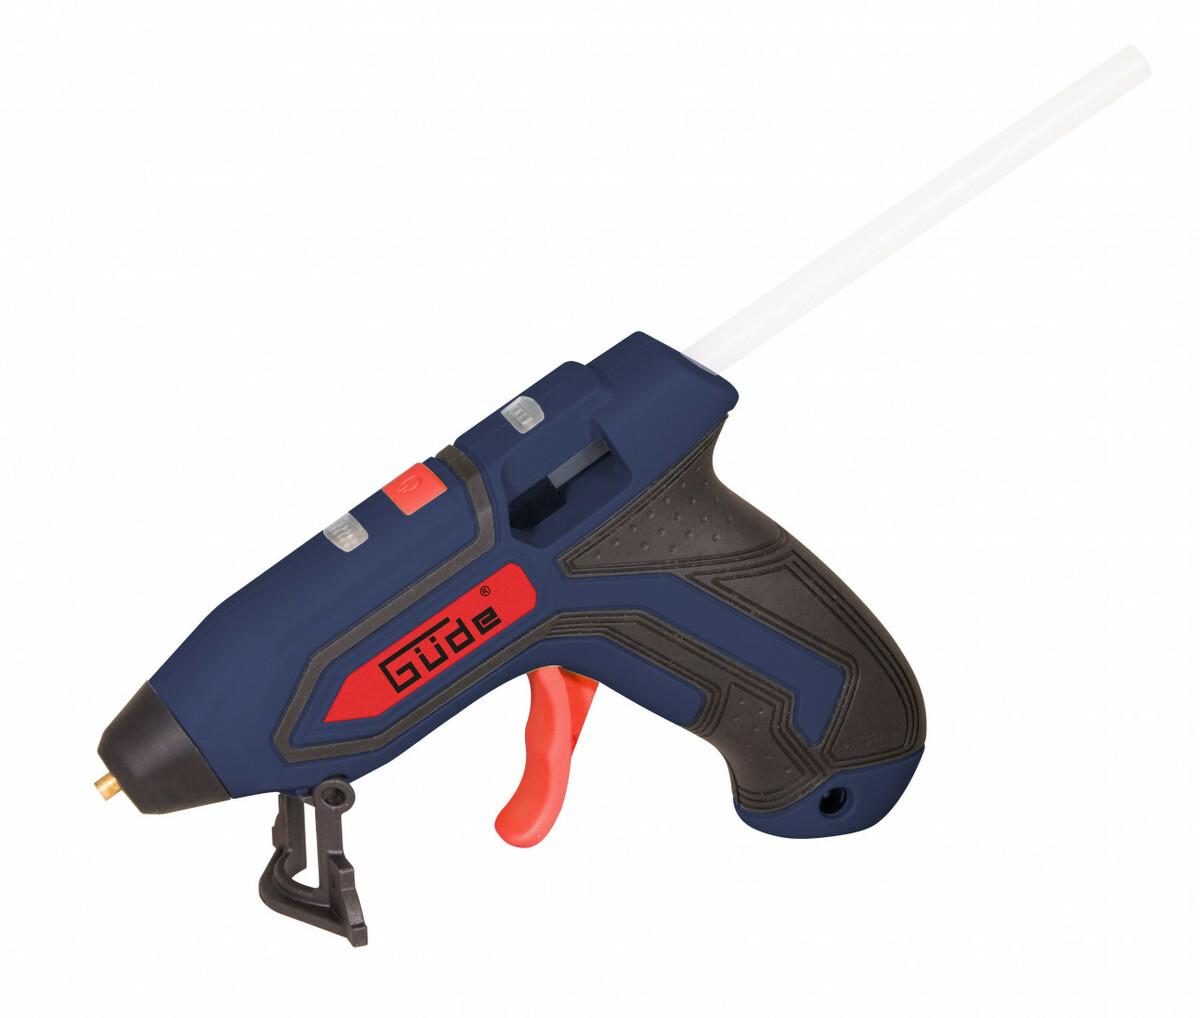 Bild 1 von Güde Akku-Heißklebepistole